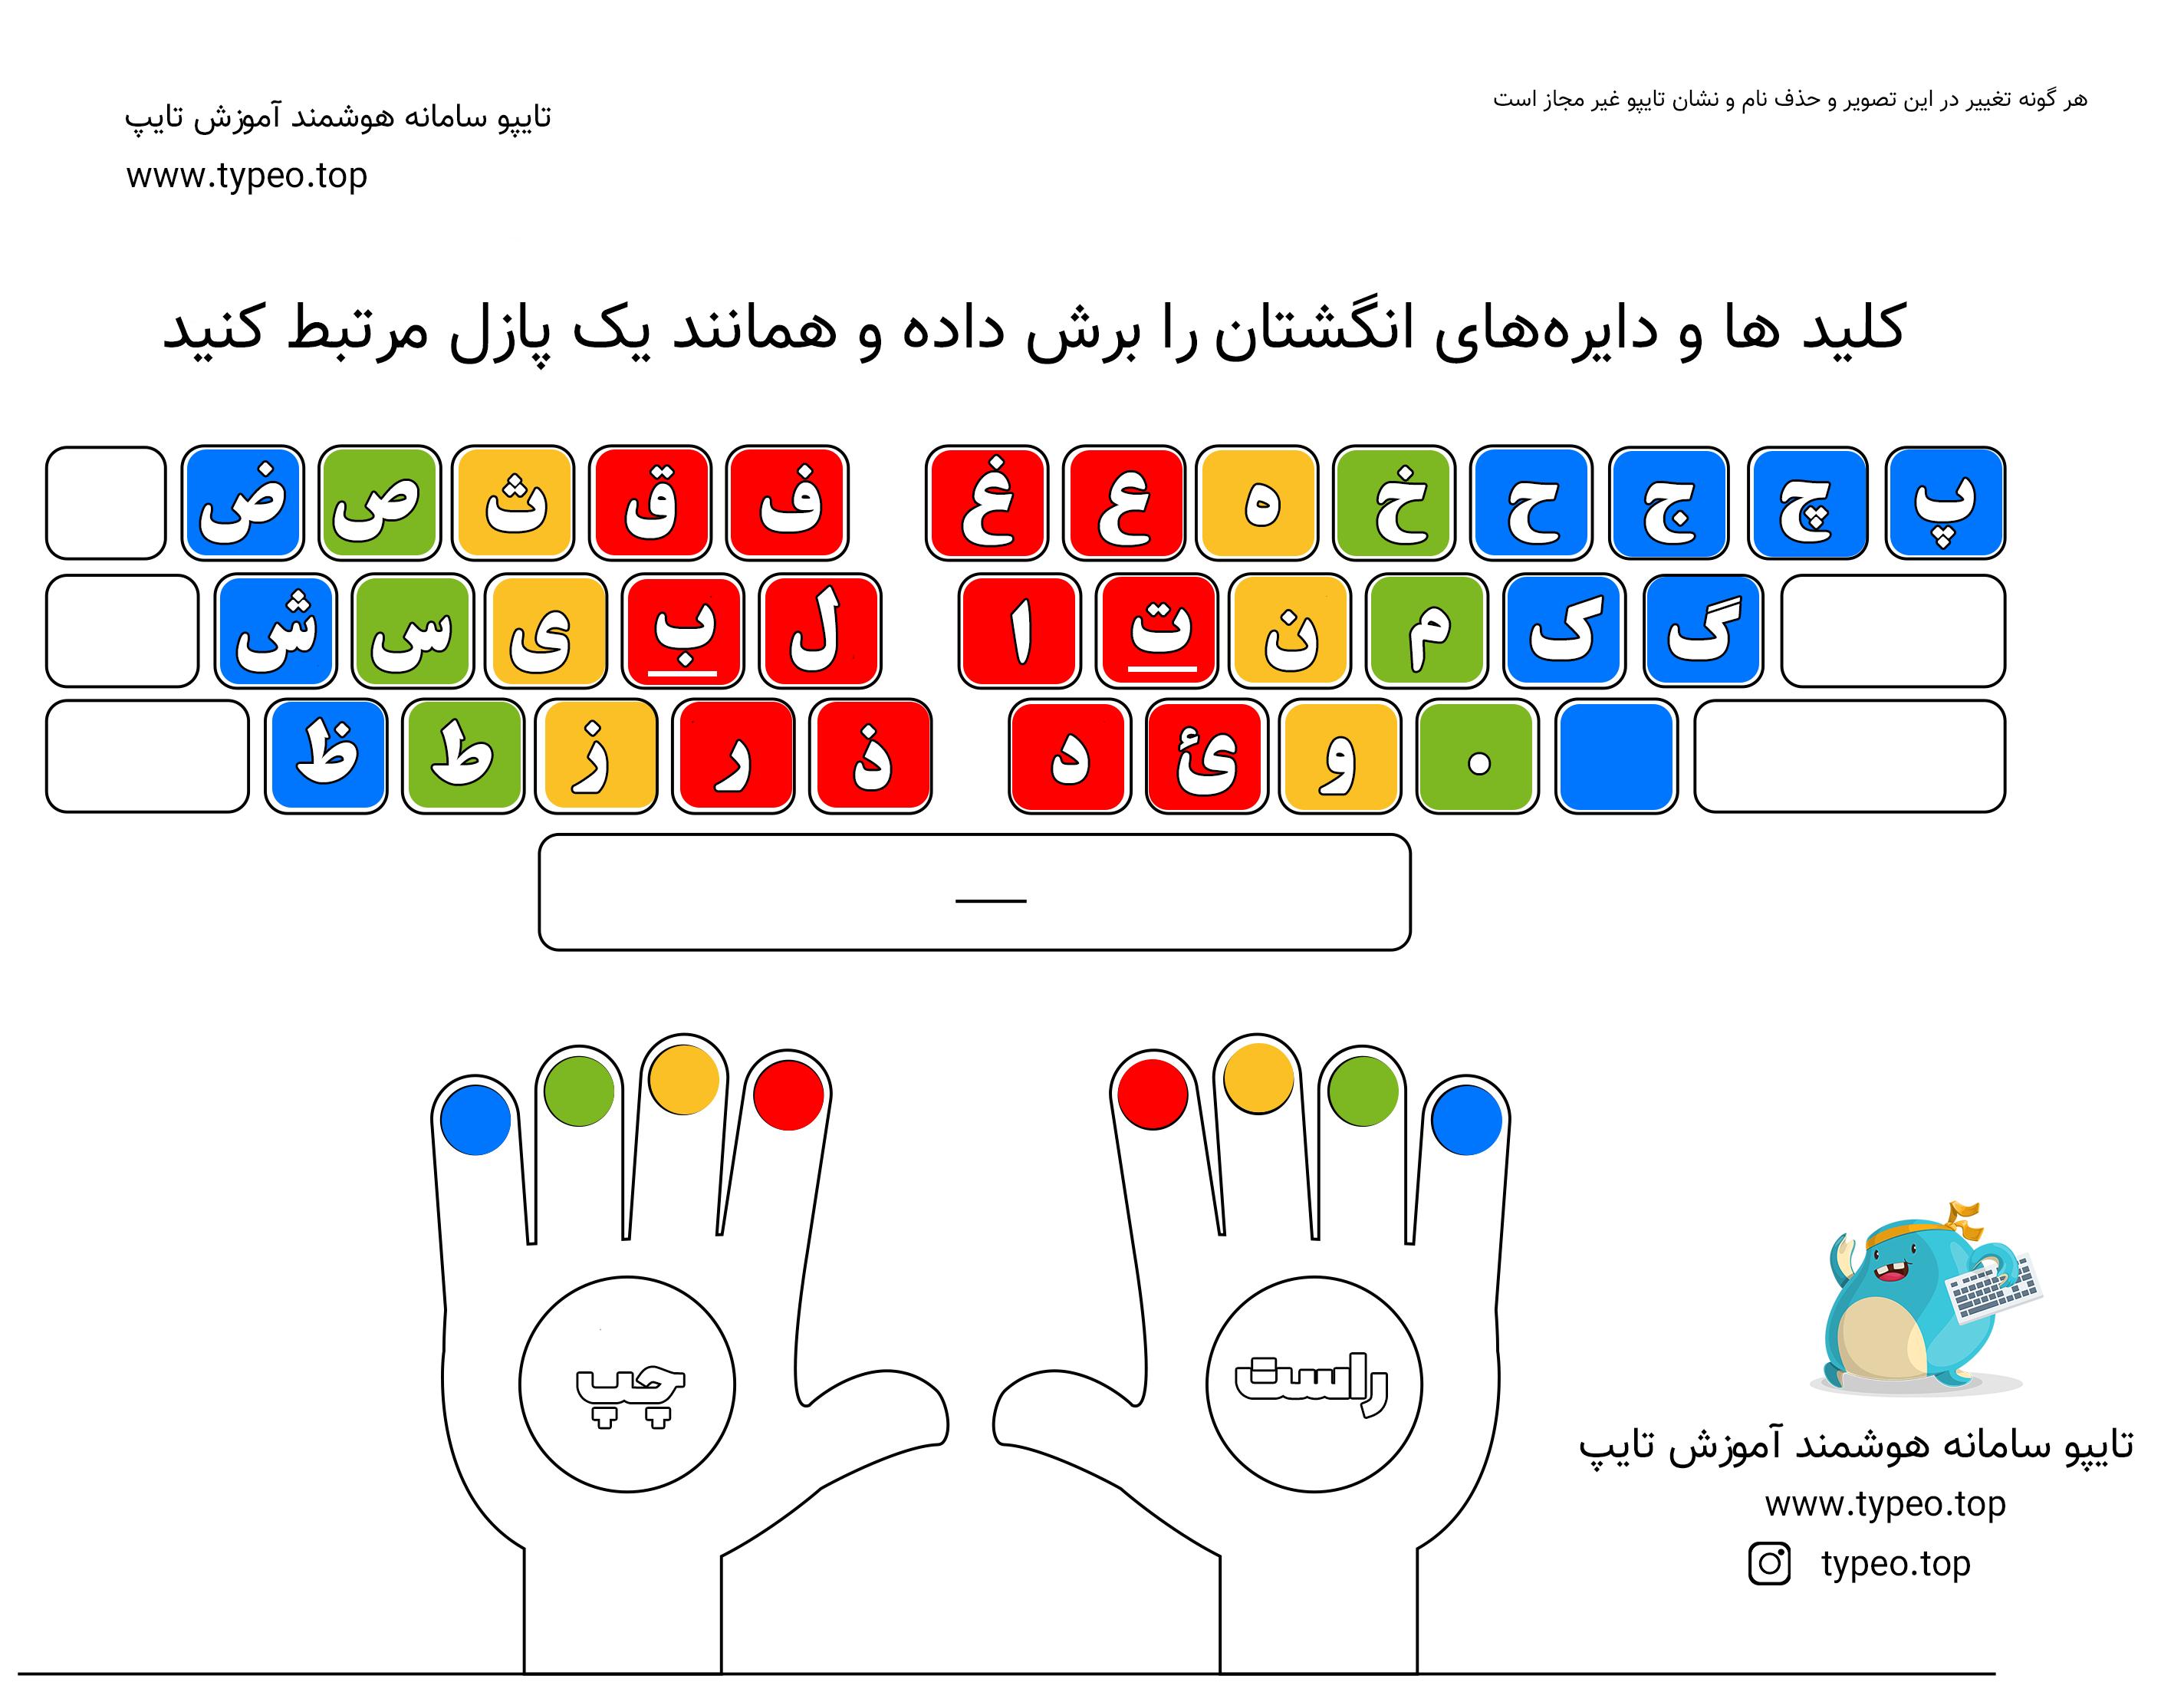 کلیدها و دایره های روی انگشتان را برش داده و بر روی طرح شماره دو بچسبانید و یا همانند یک پازل مرتبط کنید.